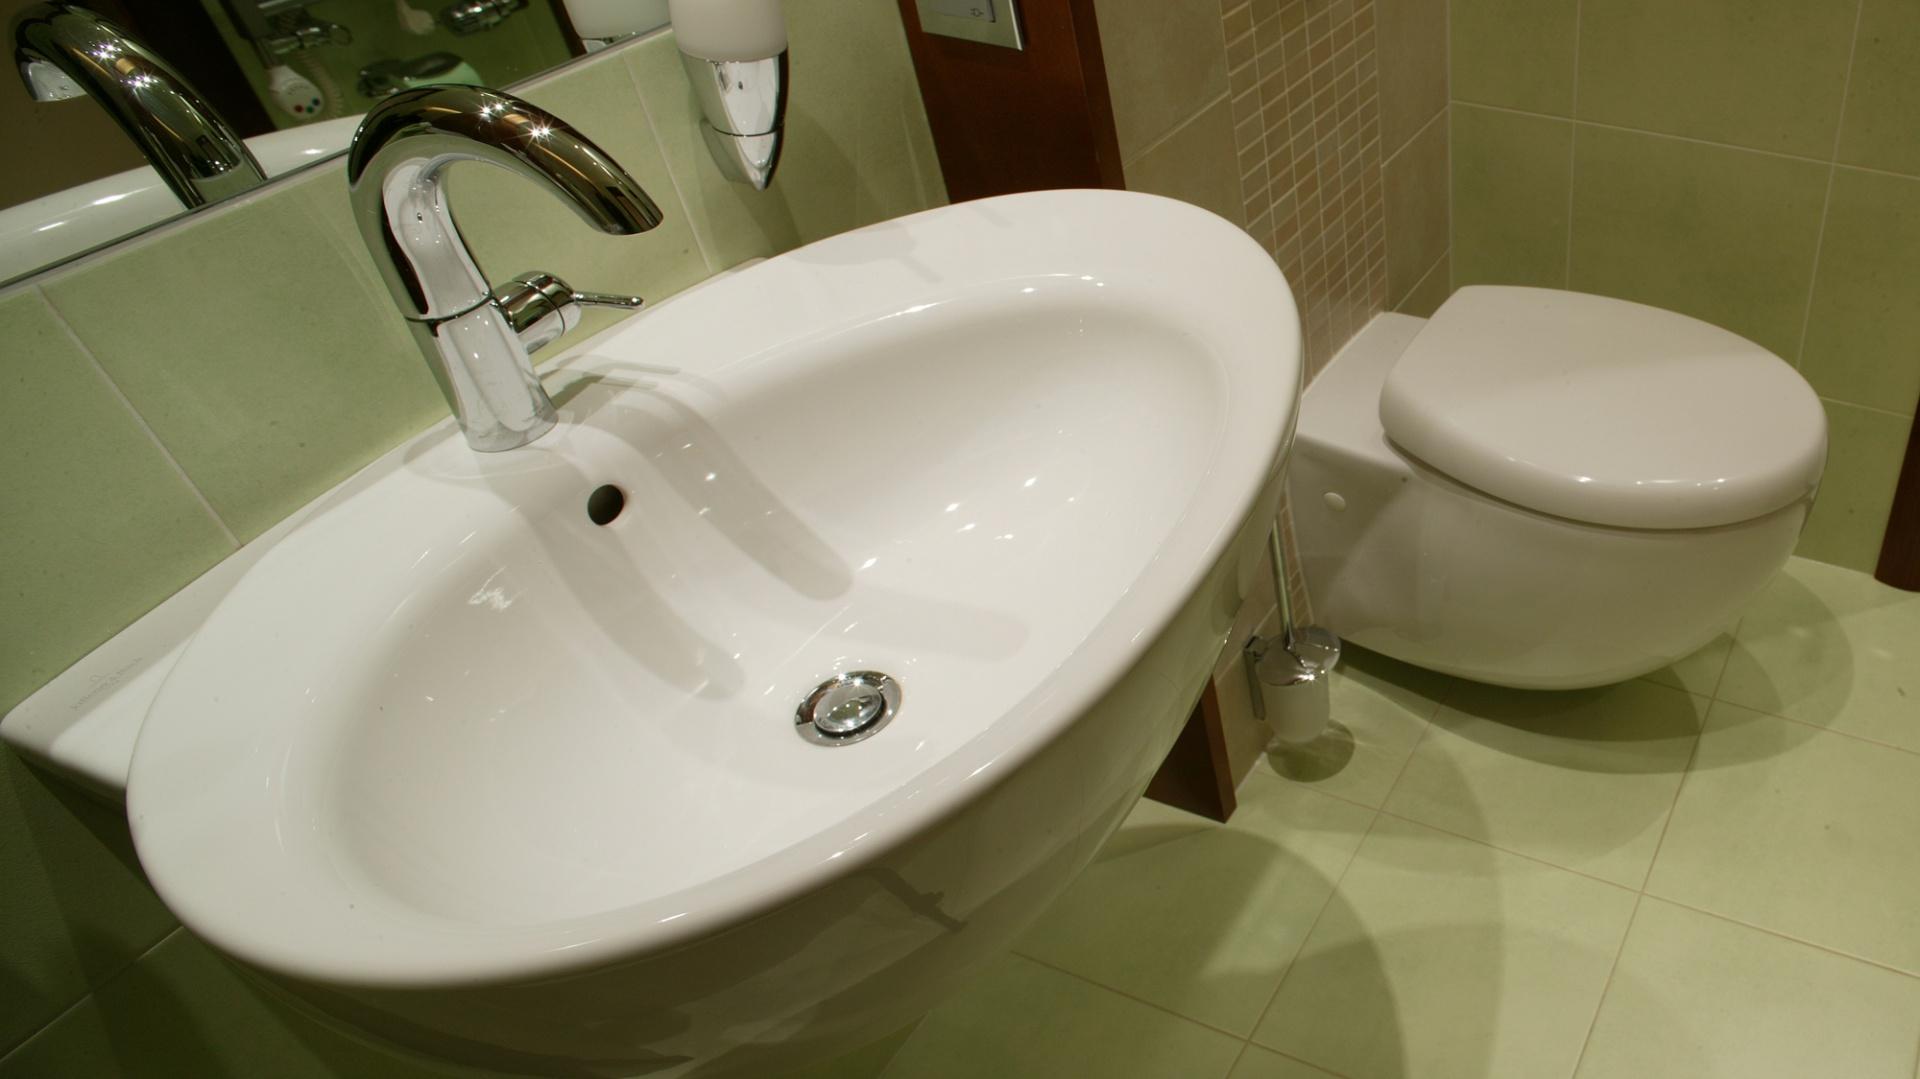 """Ceramikę sanitarną z kolekcji """"Aveo"""" firmy Villeroy and Boch wyróżniają masywne, opływowe kształty. Umywalka jest duża, dokładnie tak jak życzyli sobie inwestorzy. Fot. Tomek Markowski."""